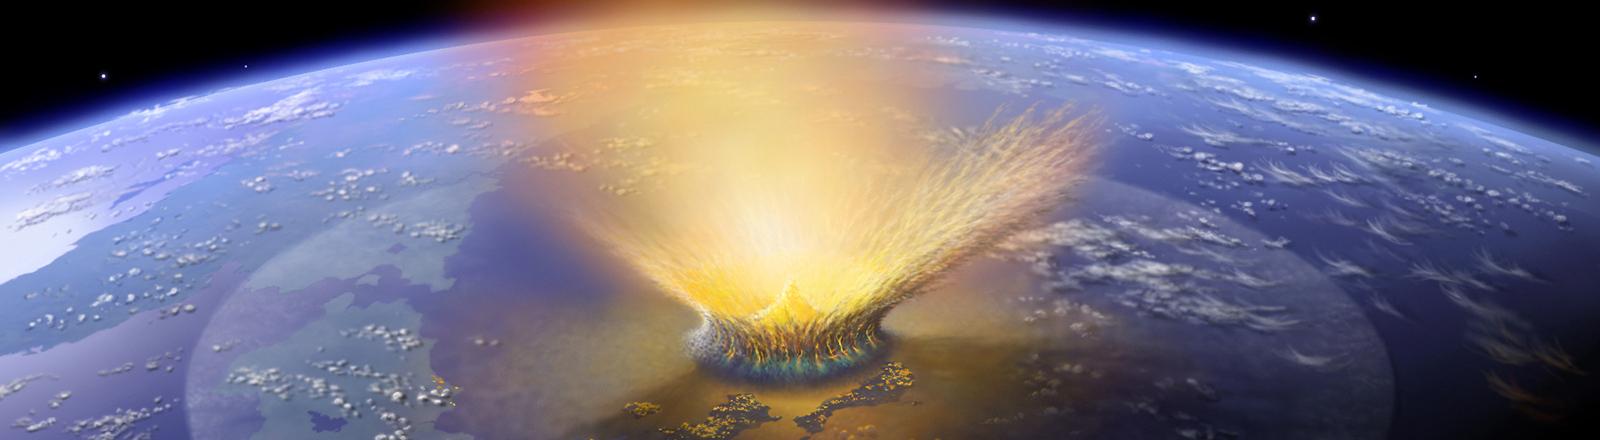 Die undatierte Illustration zeigt den katastrophalen Asteroideneinschlag auf der Erde, der vor 65 Millionen Jahren die Dinosaurier ausgerottet haben soll.